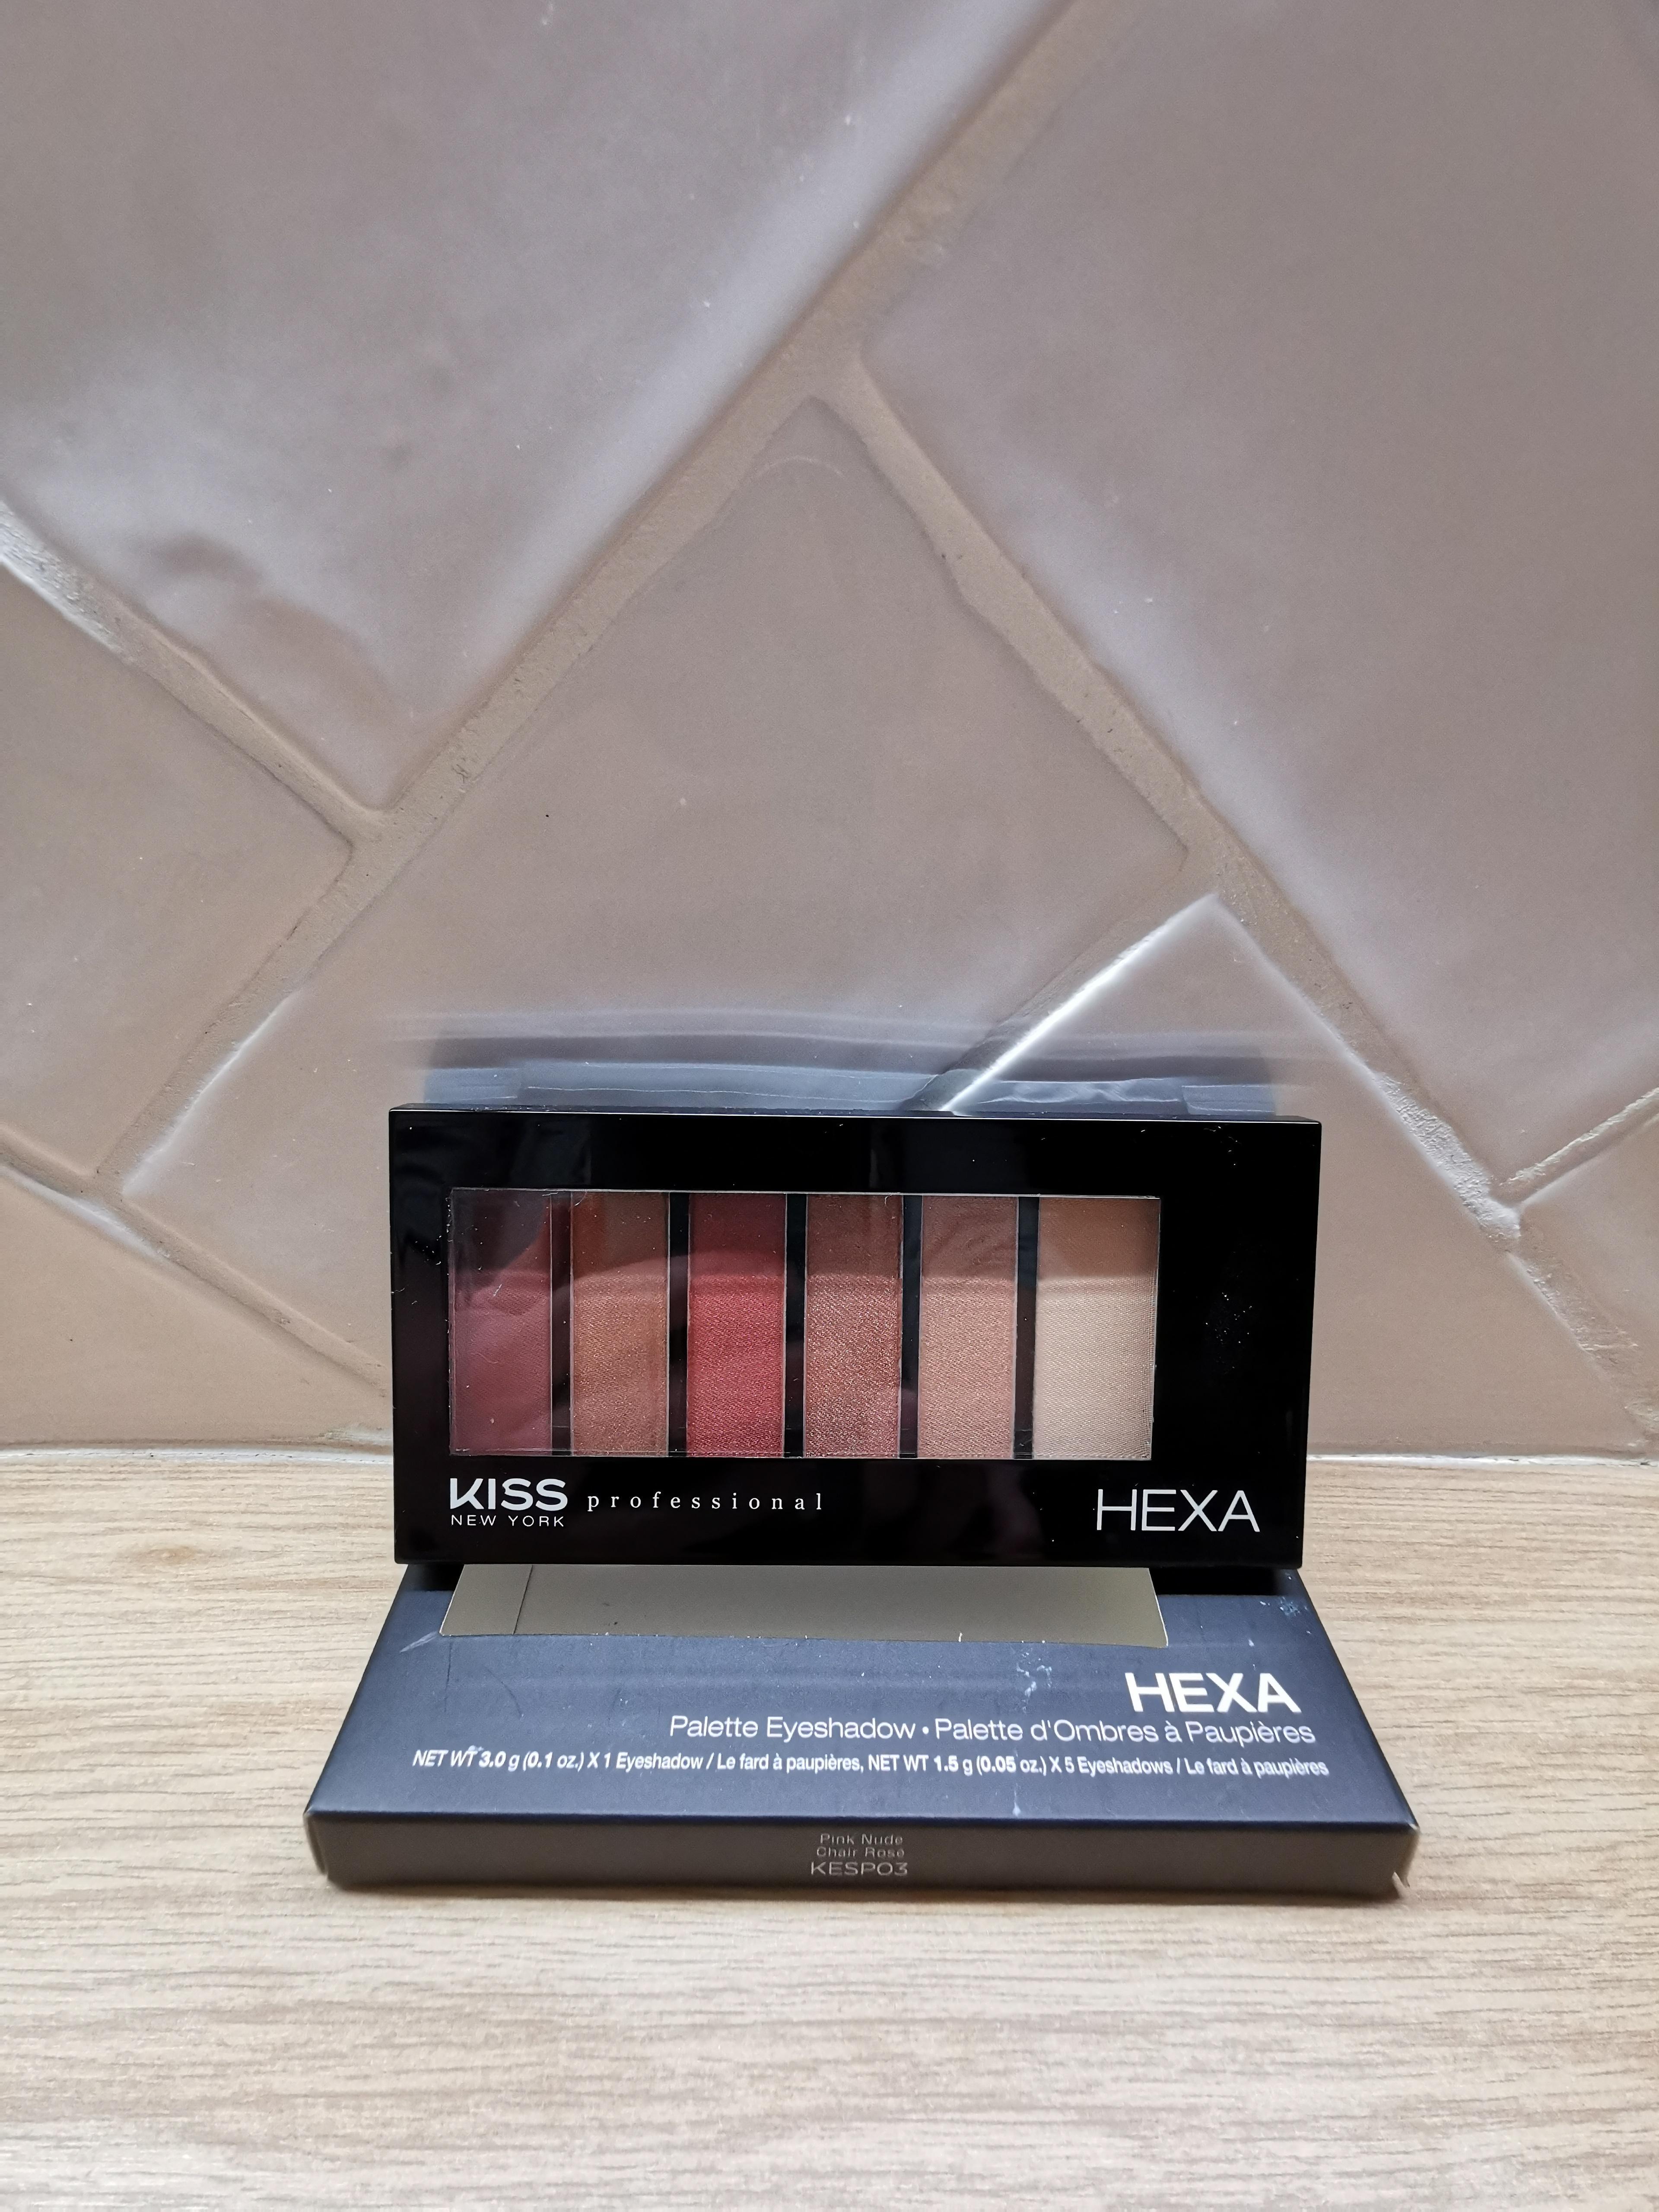 troc de troc kiss new york - palette de fards à paupières kesp03 pink nude image 0